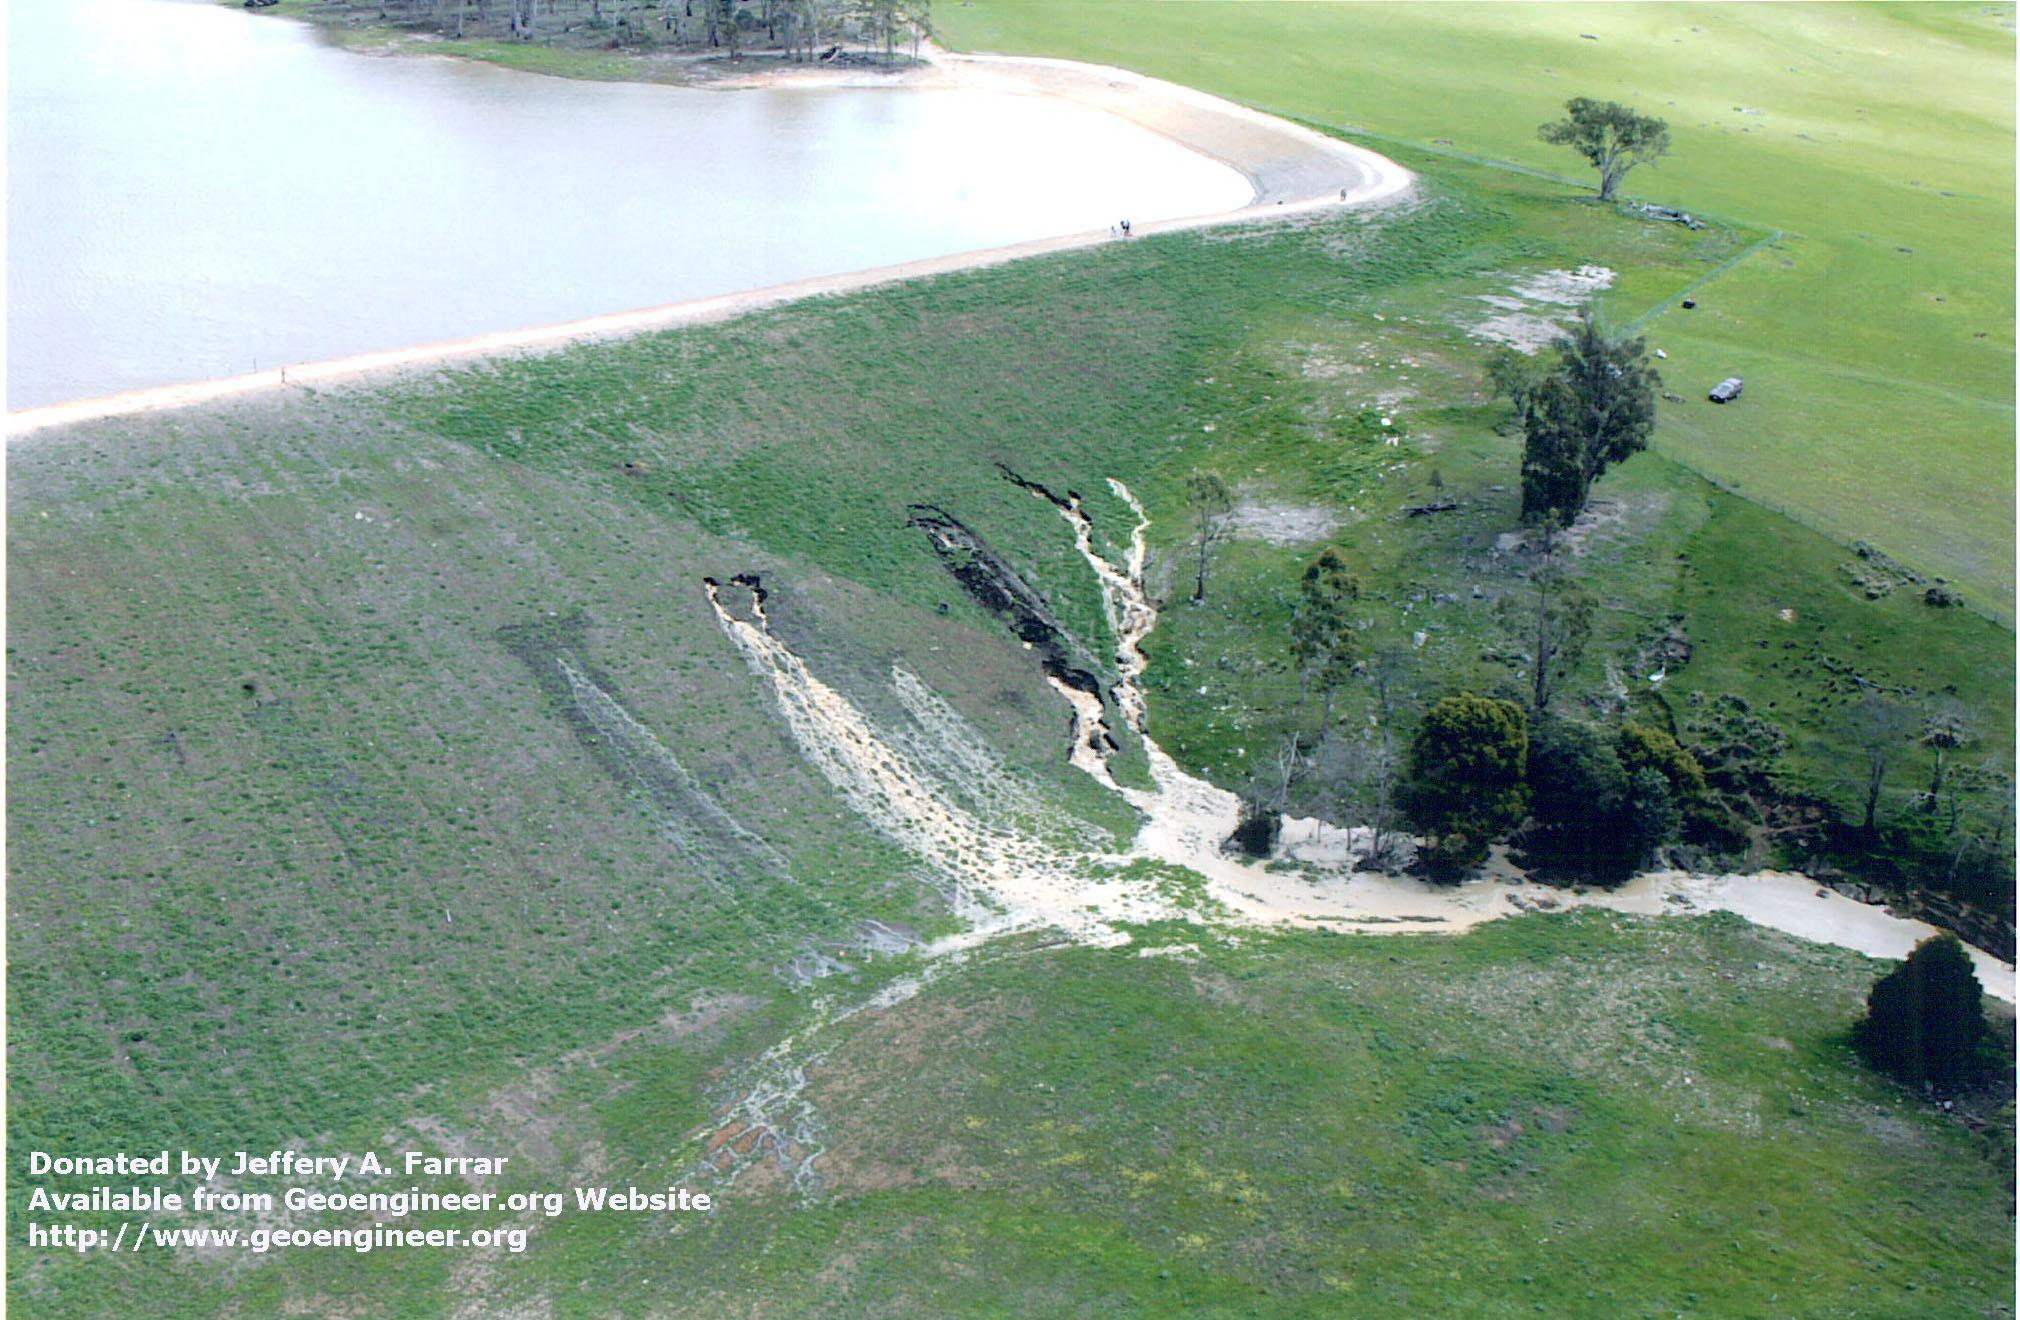 Title: View of Damage<br>Title: View of Damage Donated by: Jeffrey A. Farrar Date: 2005